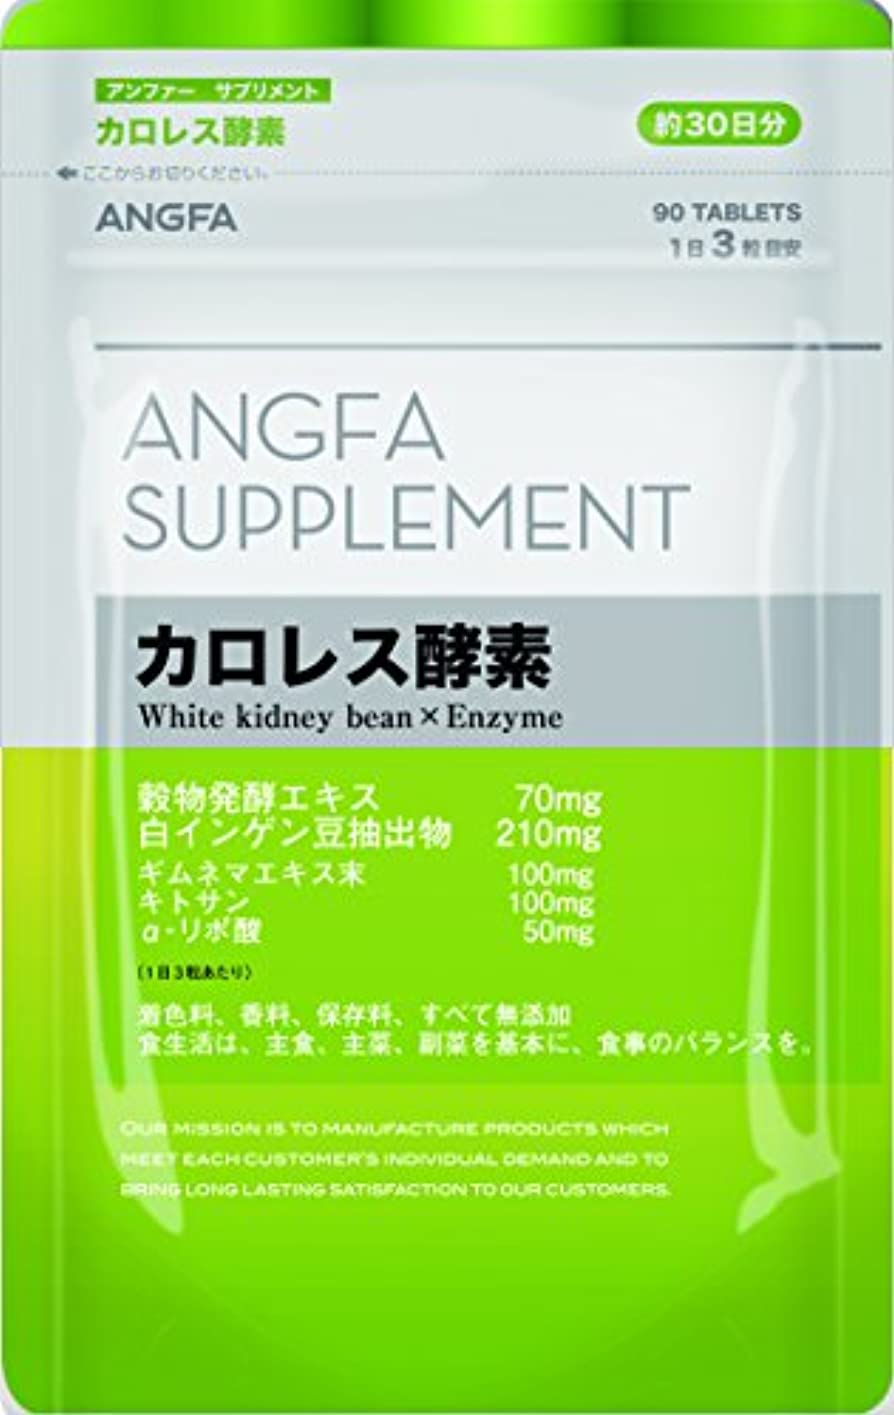 無音楽家馬鹿げたアンファー (ANGFA) サプリメント カロレス酵素 90粒 ダイエットサポート サプリメント